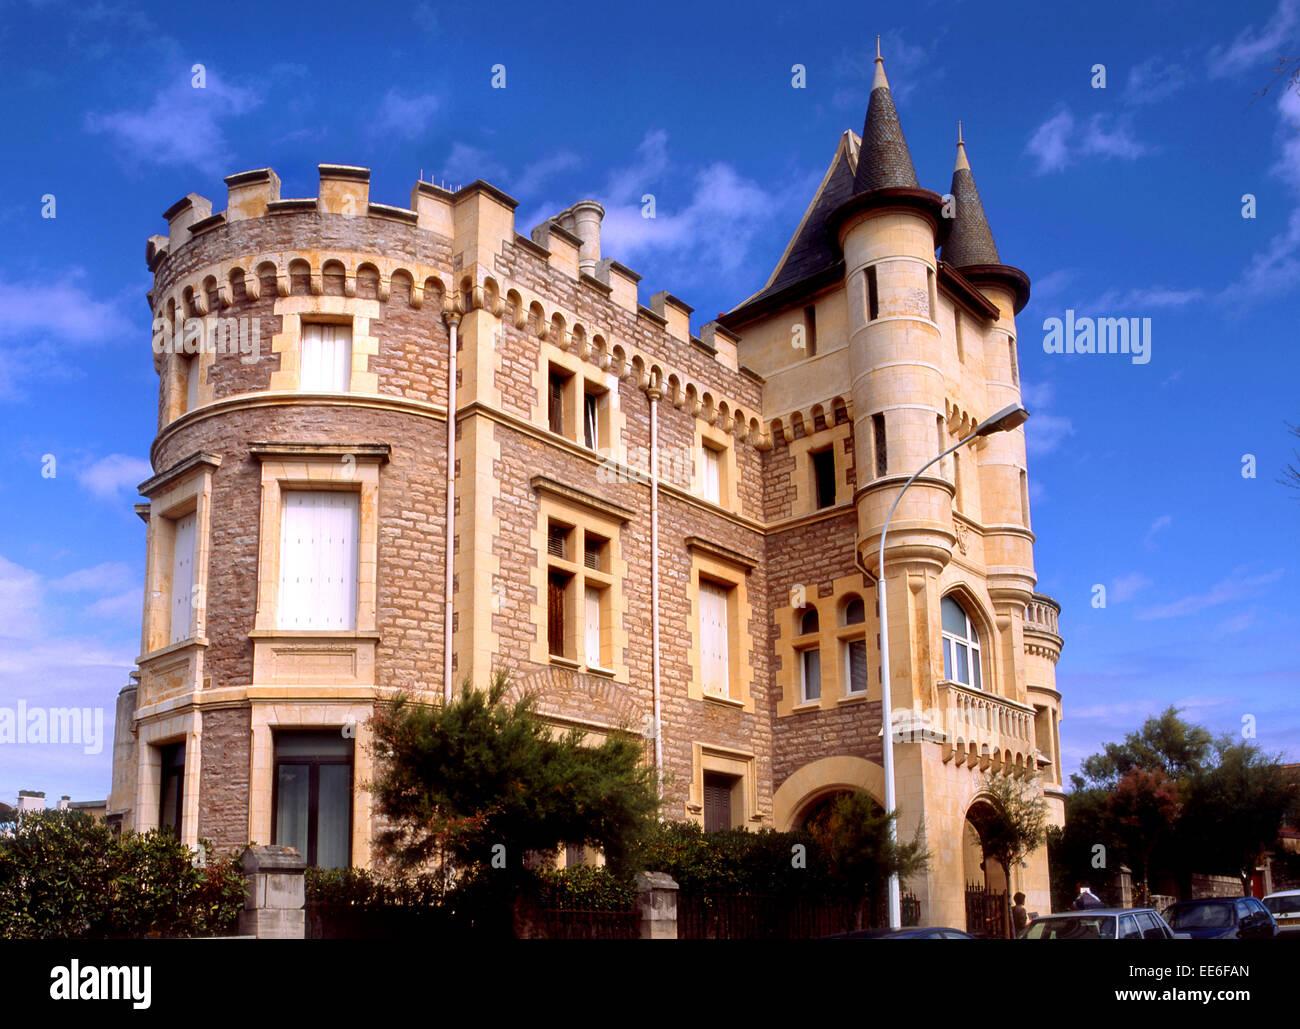 biarritz aquitaine francia ejemplo de la arquitectura ecl ctica de la avenue de l 39 imperatrice. Black Bedroom Furniture Sets. Home Design Ideas